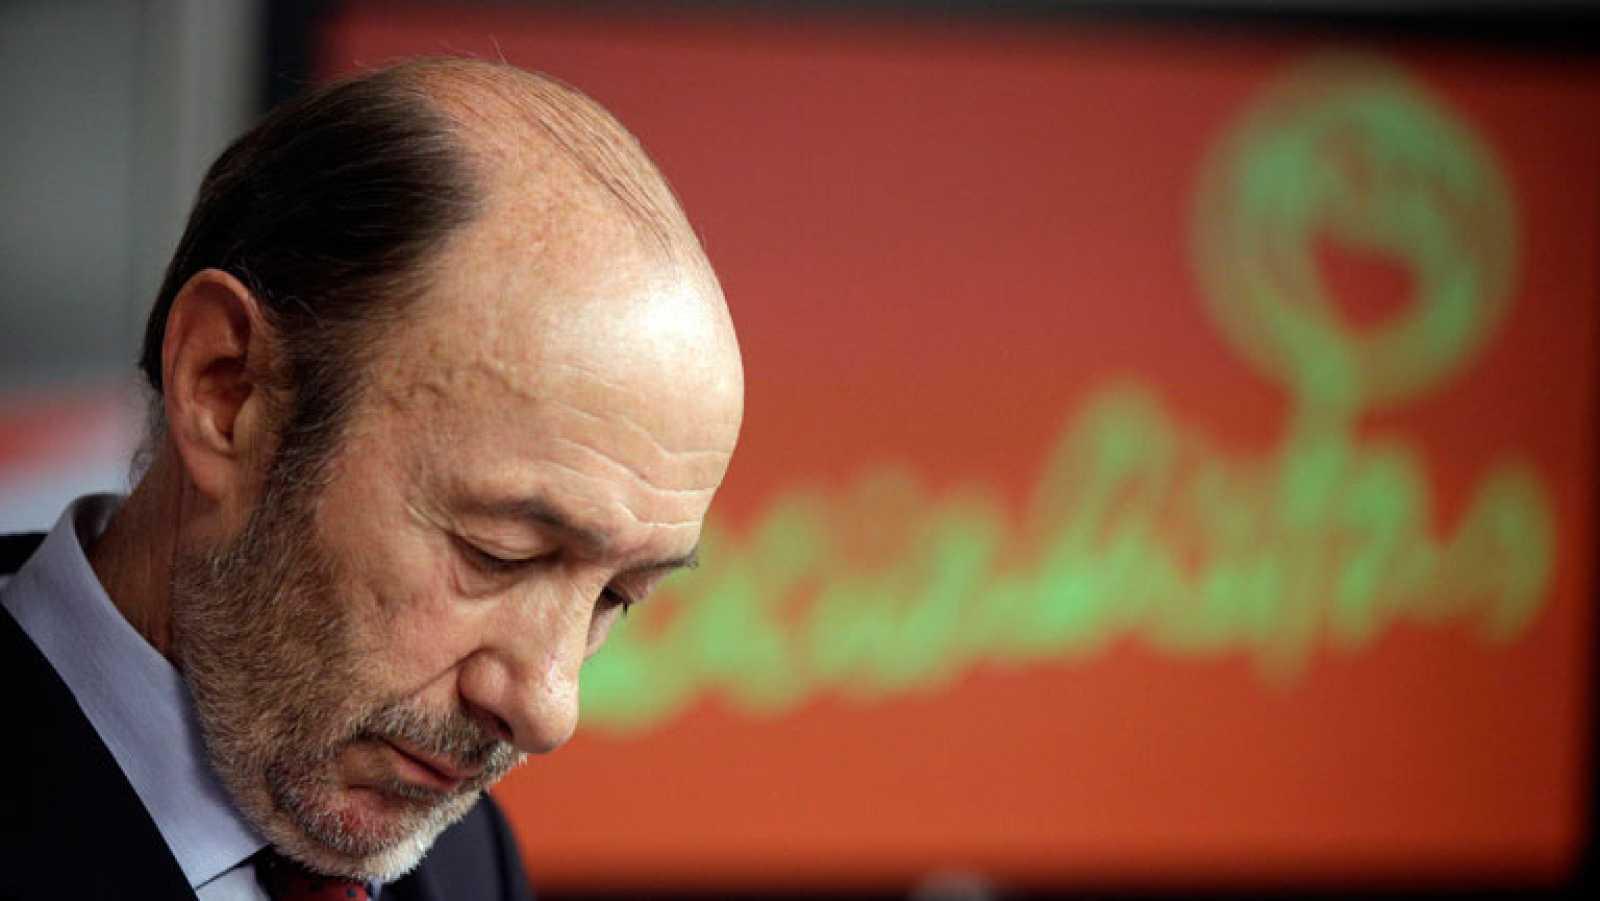 Rubalcaba asume la responsabilidad y convoca congreso extraordinario